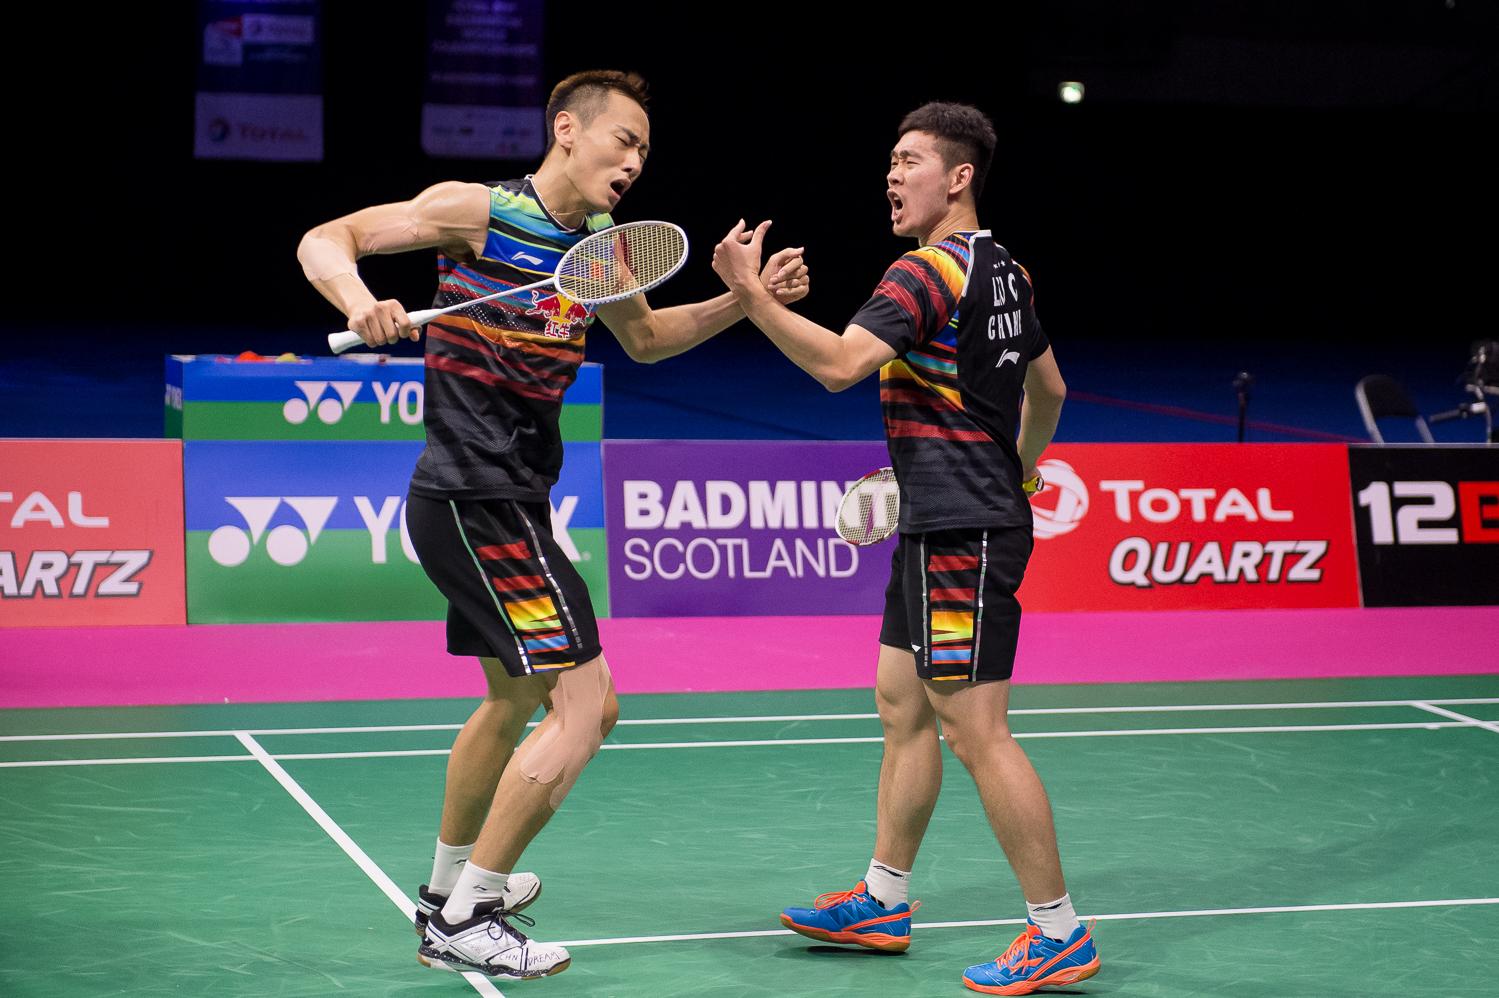 Zhang Nan hat nach Olympiagold nun auch die Chance auf den WM Titel, allerdings mit anderem Partner. Mit Liu Cheng setzte er sich gegen seine Chinesischen Kontrahenten Chai und Hong durch